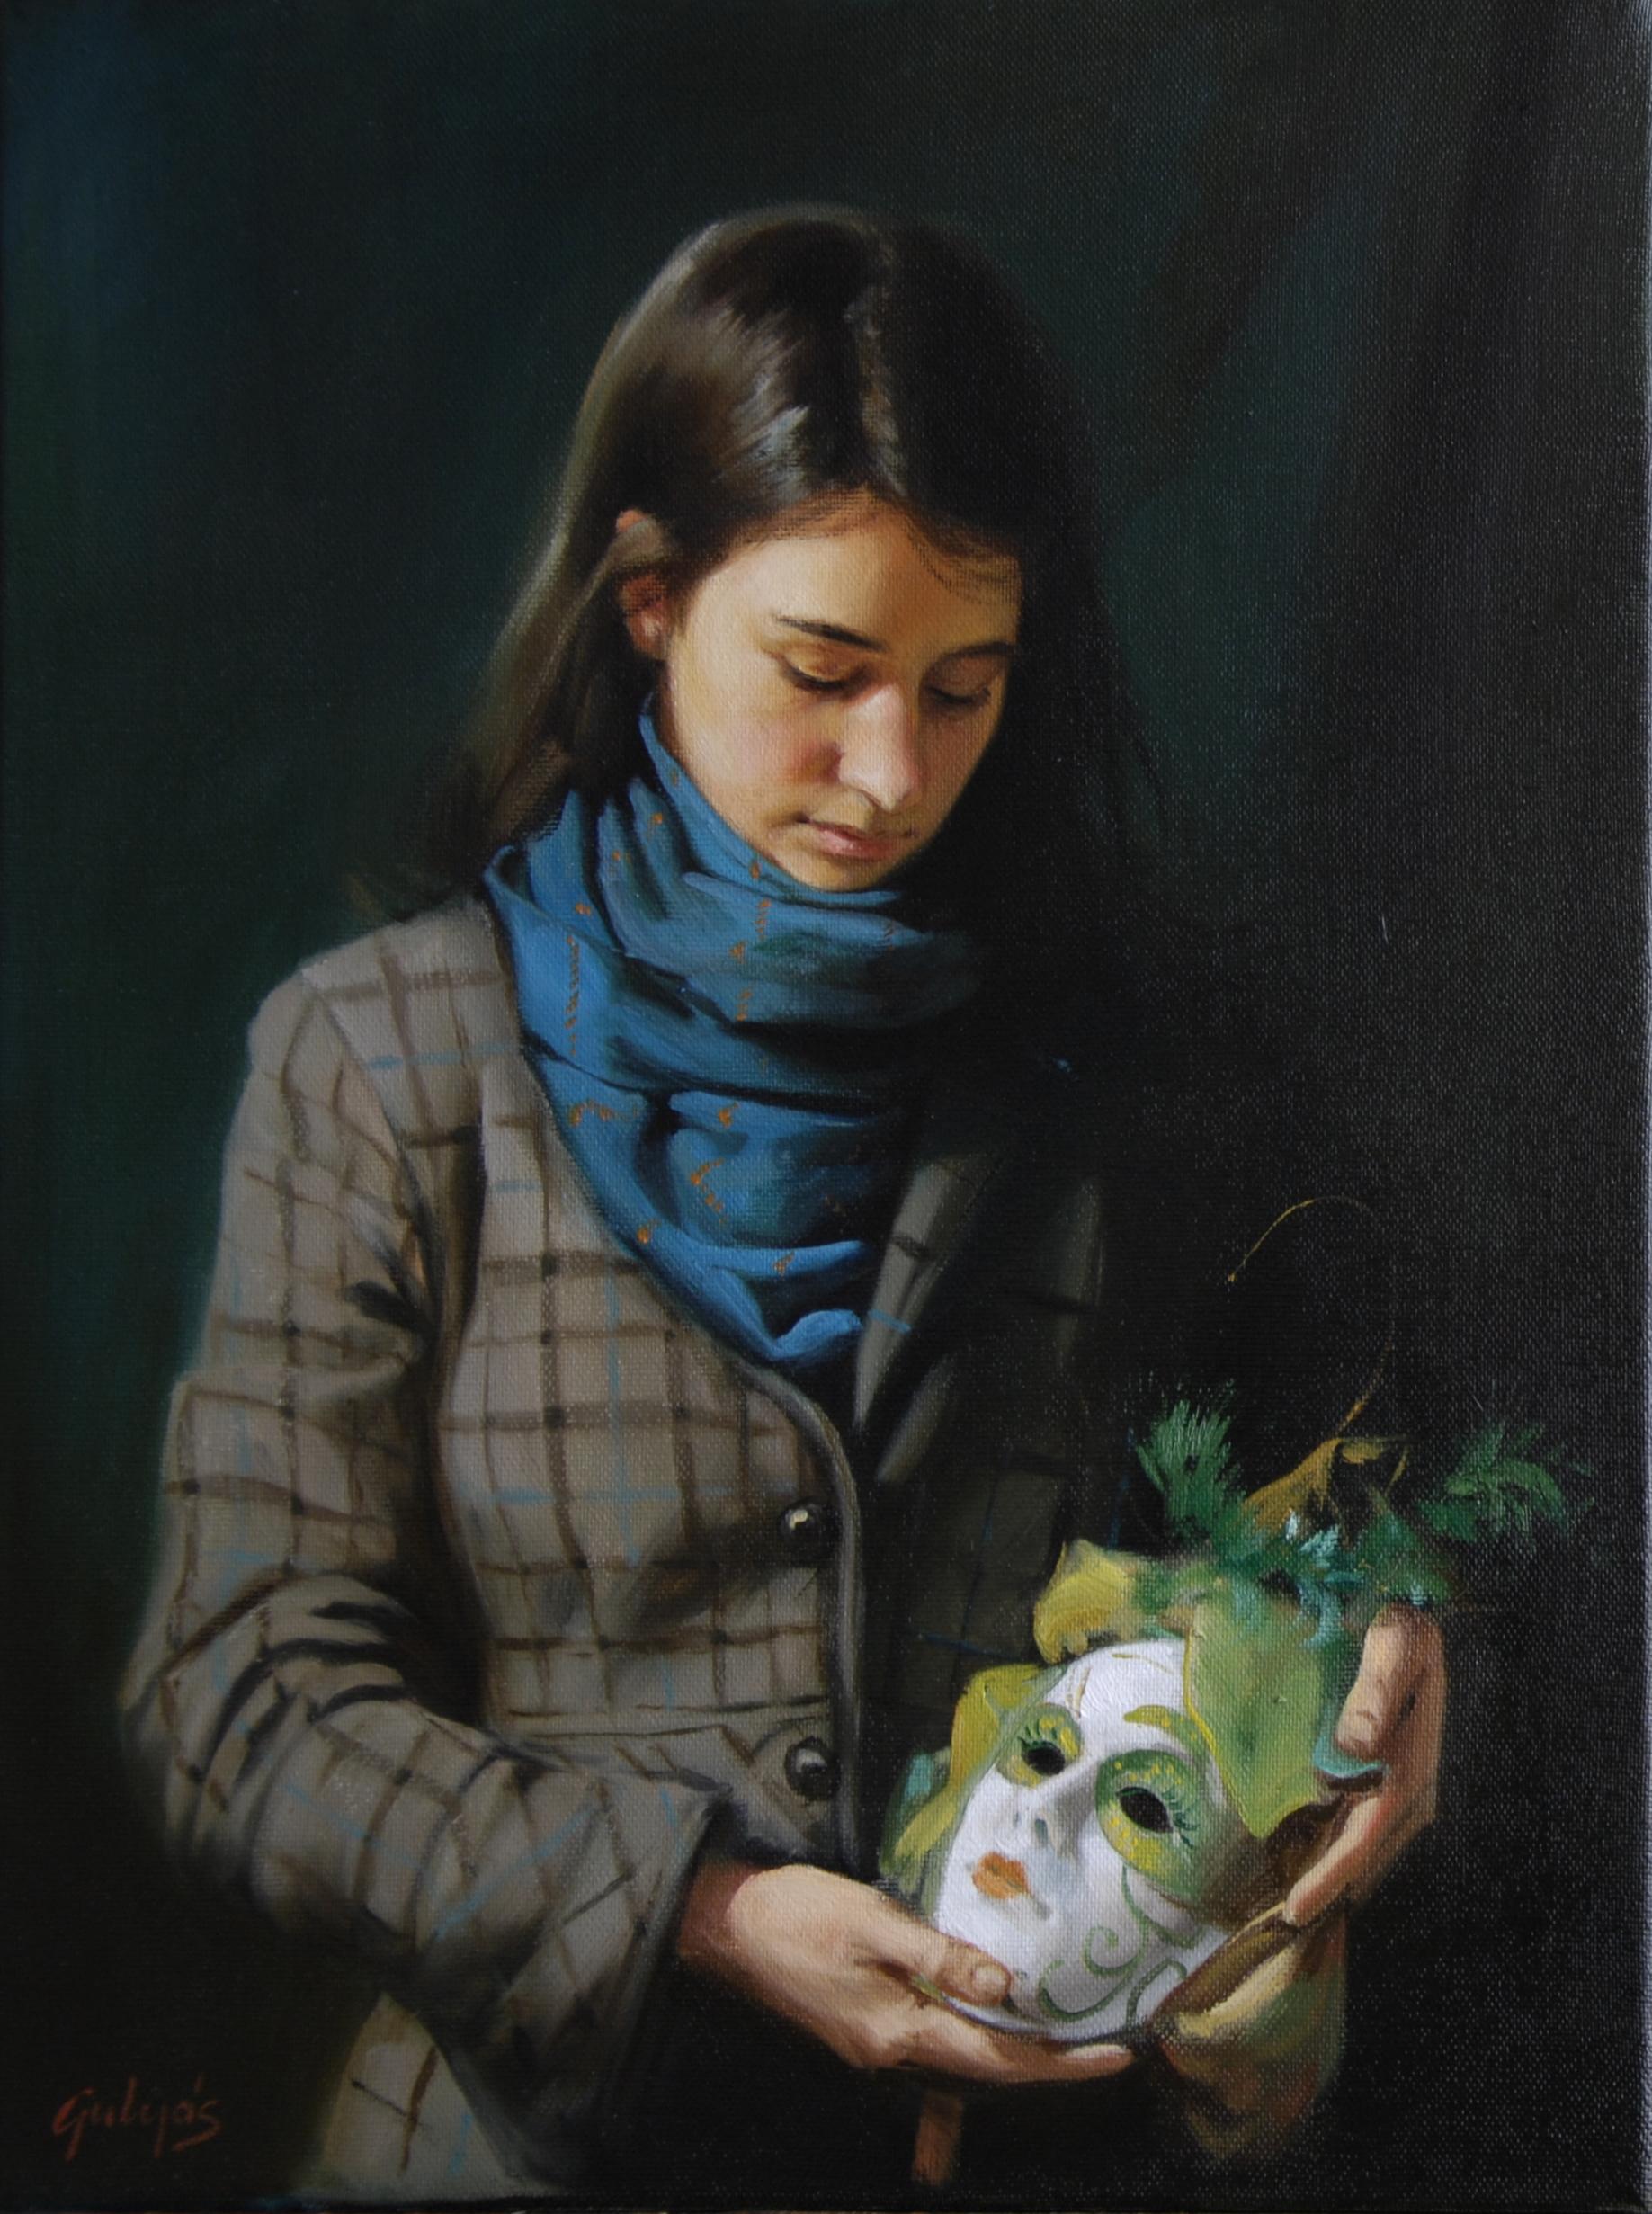 исполнит венгерские художники картинки чертой своего характера